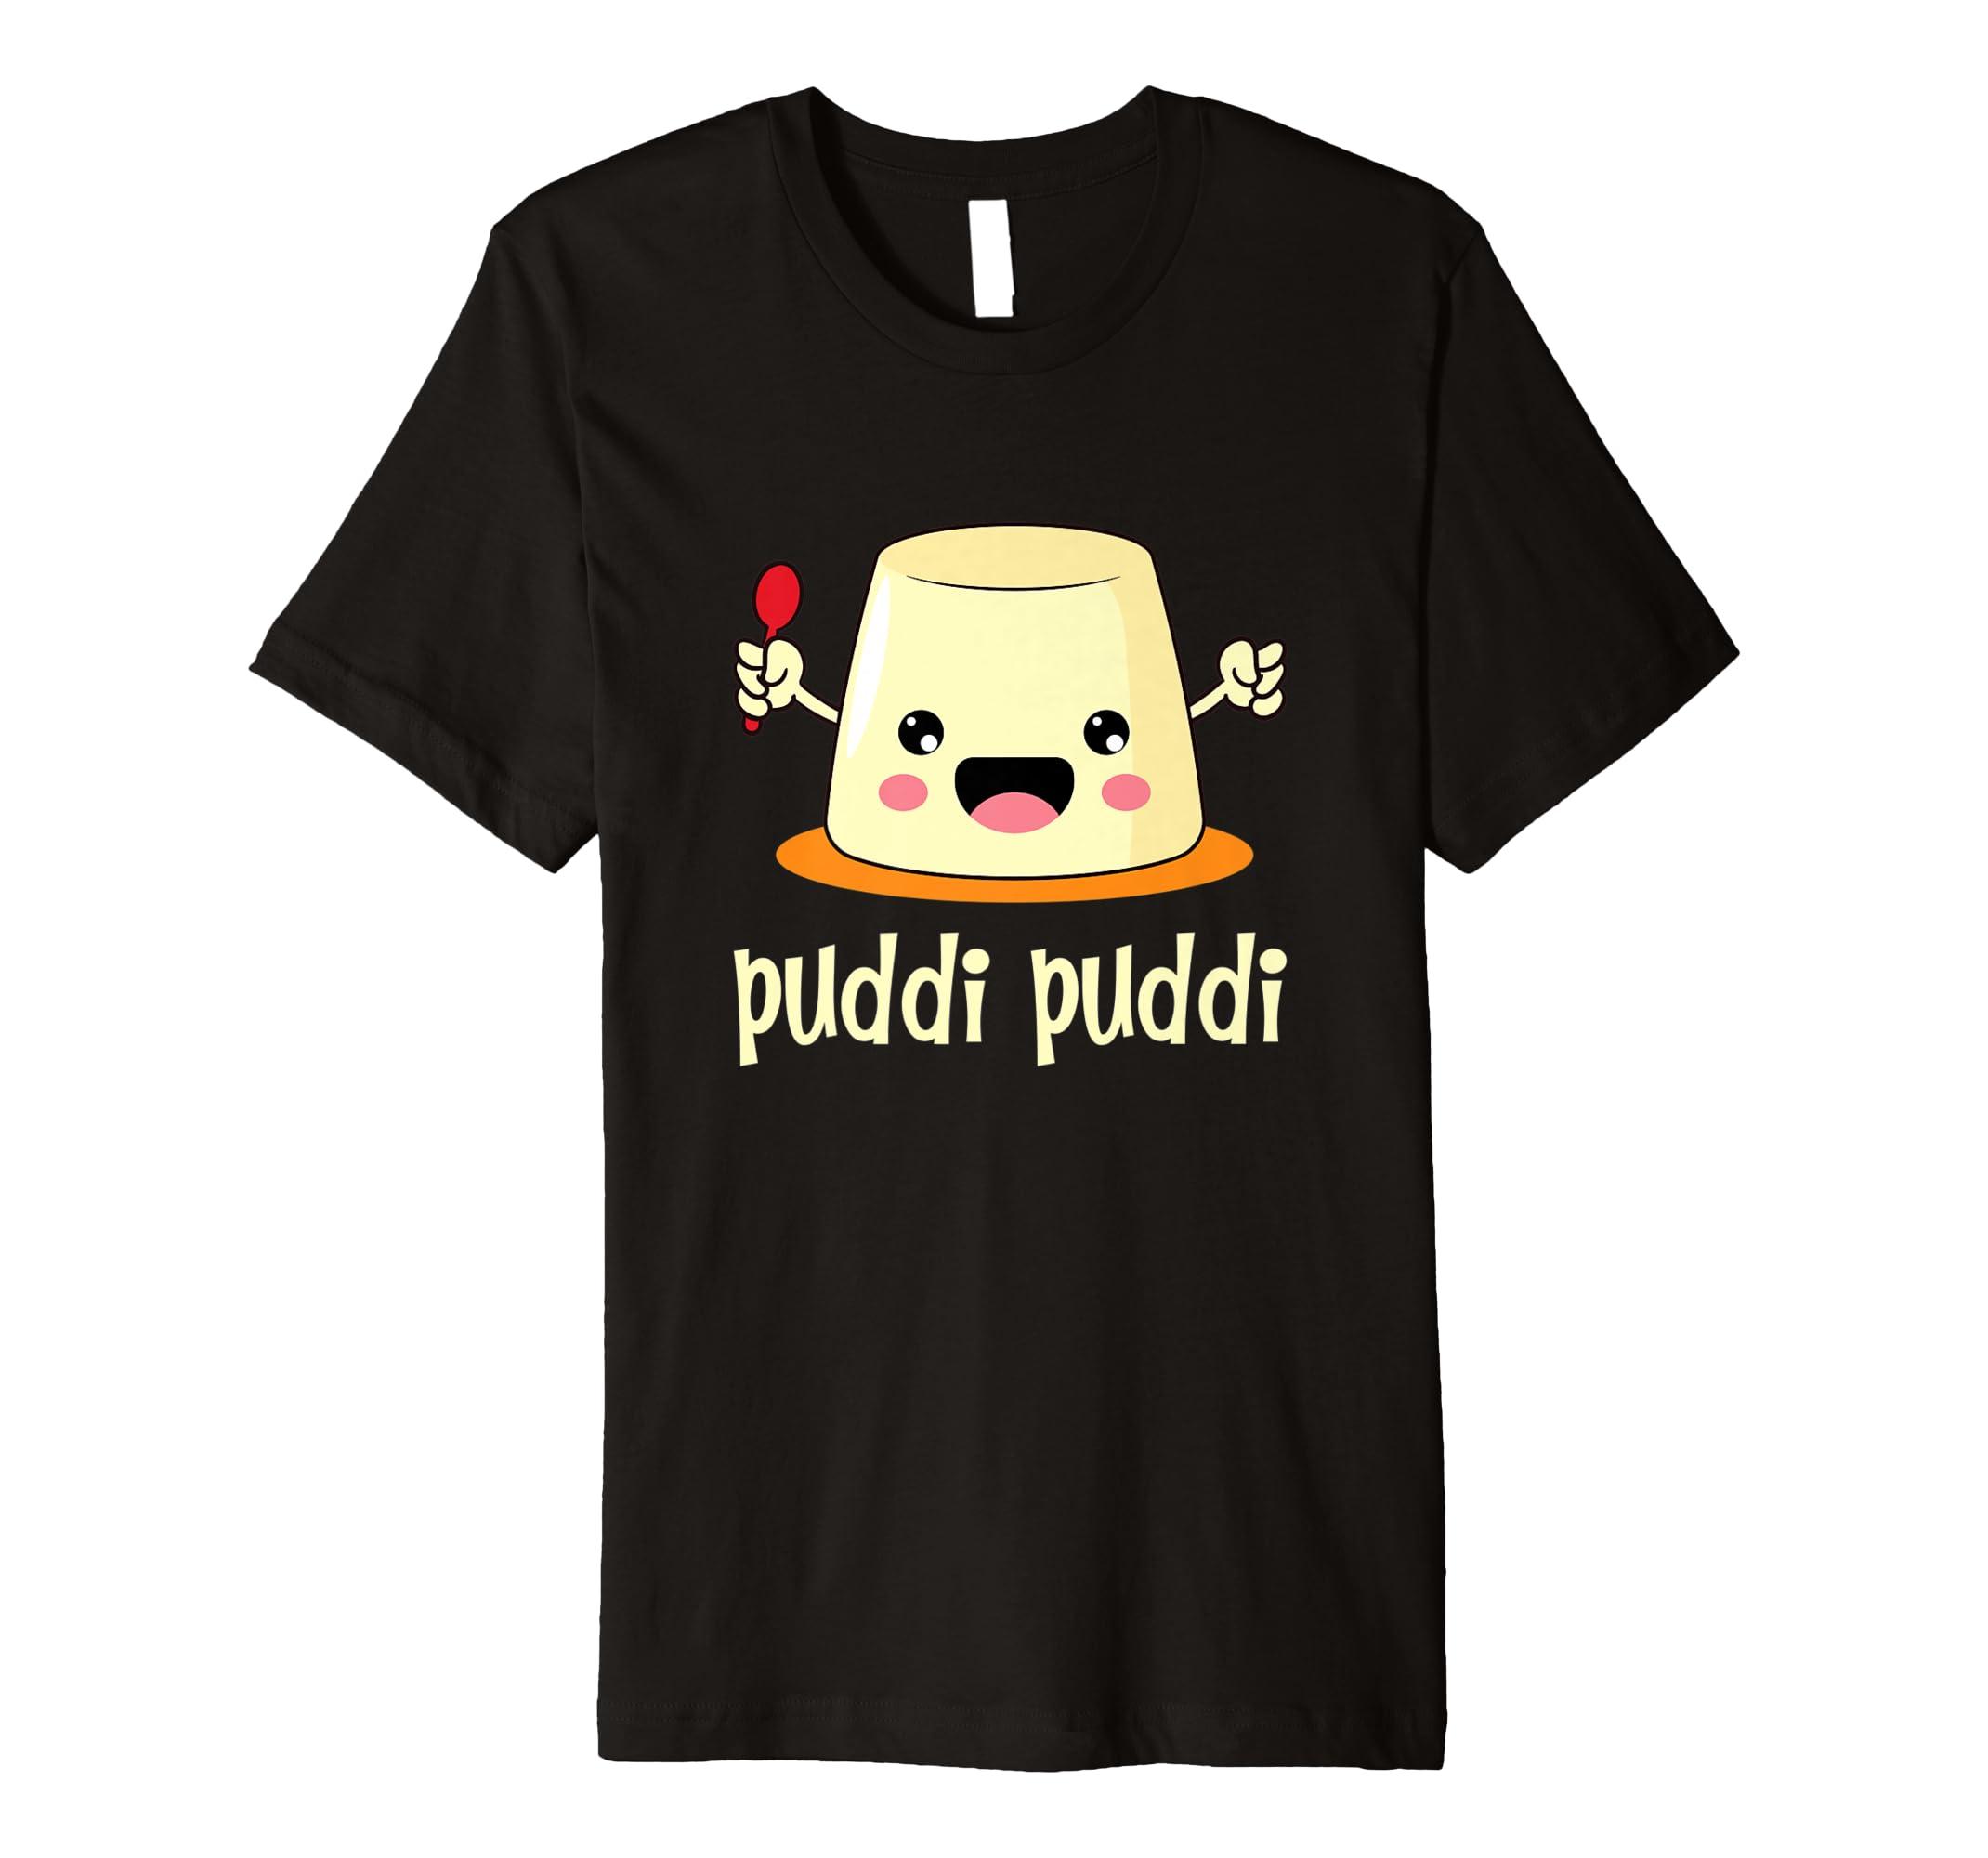 'Puddi Puddi' Awesome Chocolate Pudding Day Food Shirt-anz